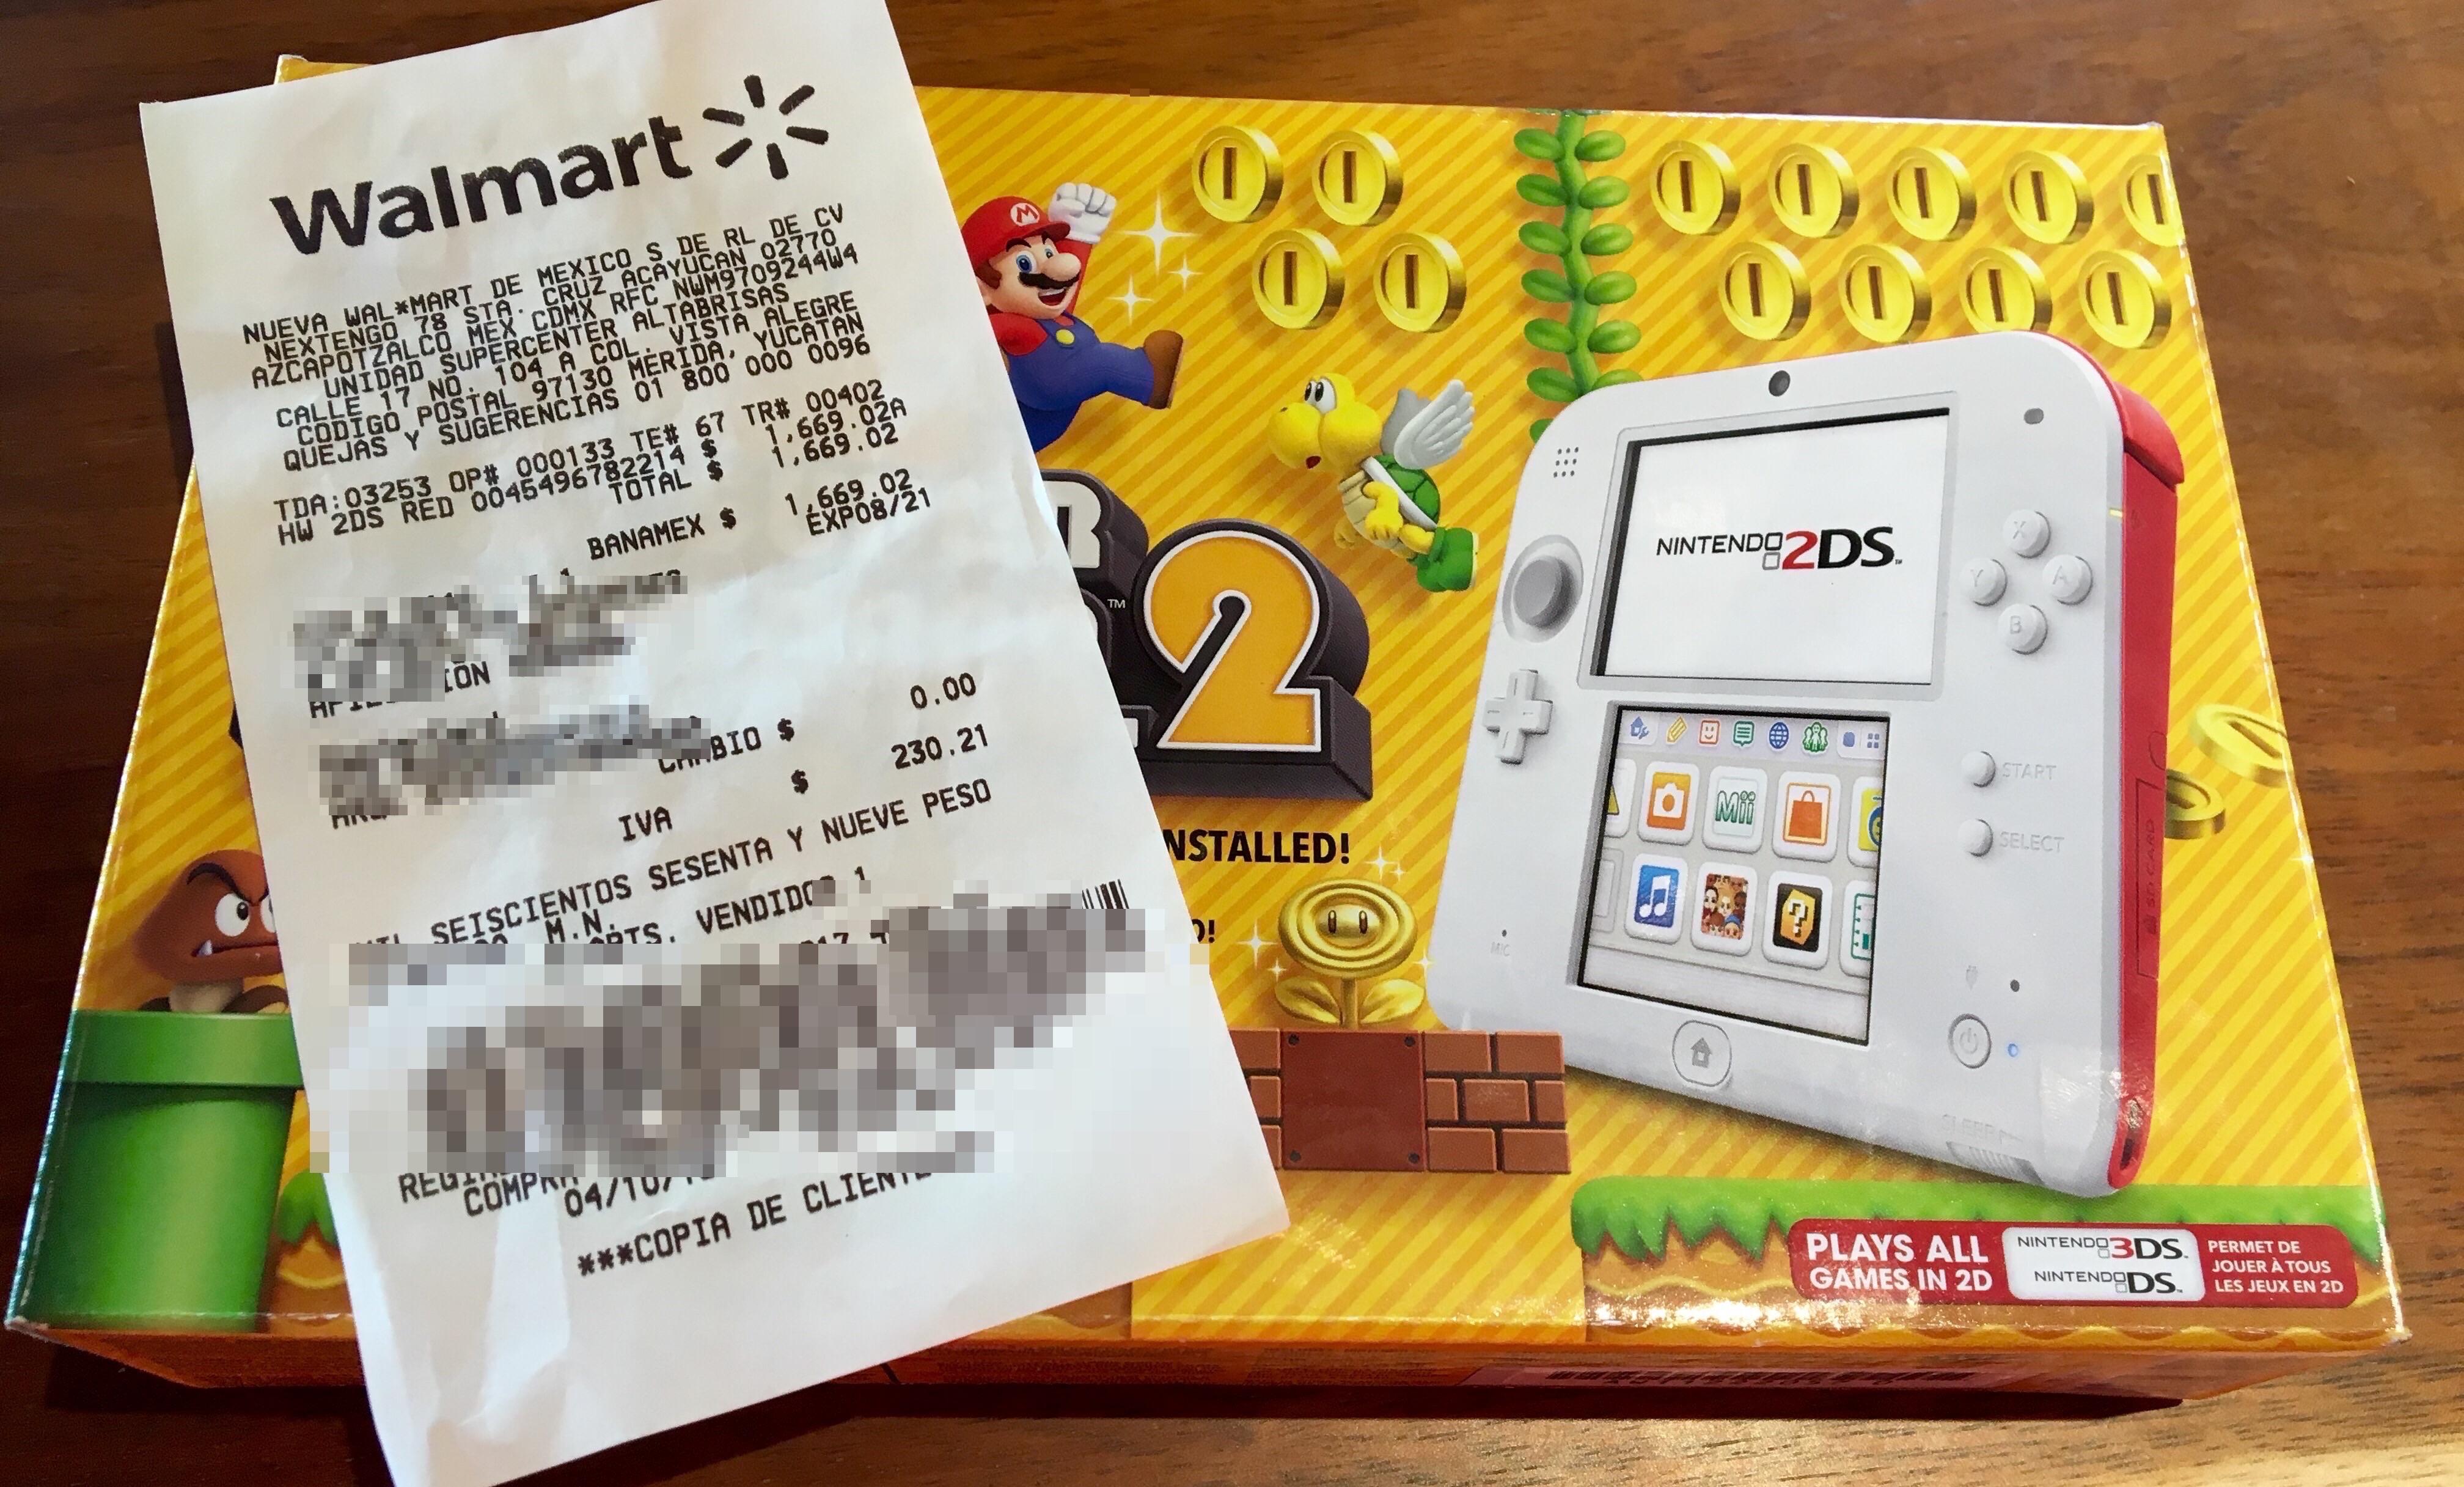 Walmart: Nintendo 2DS Scarlet Red con Super Mario Bros 2 $1669.02